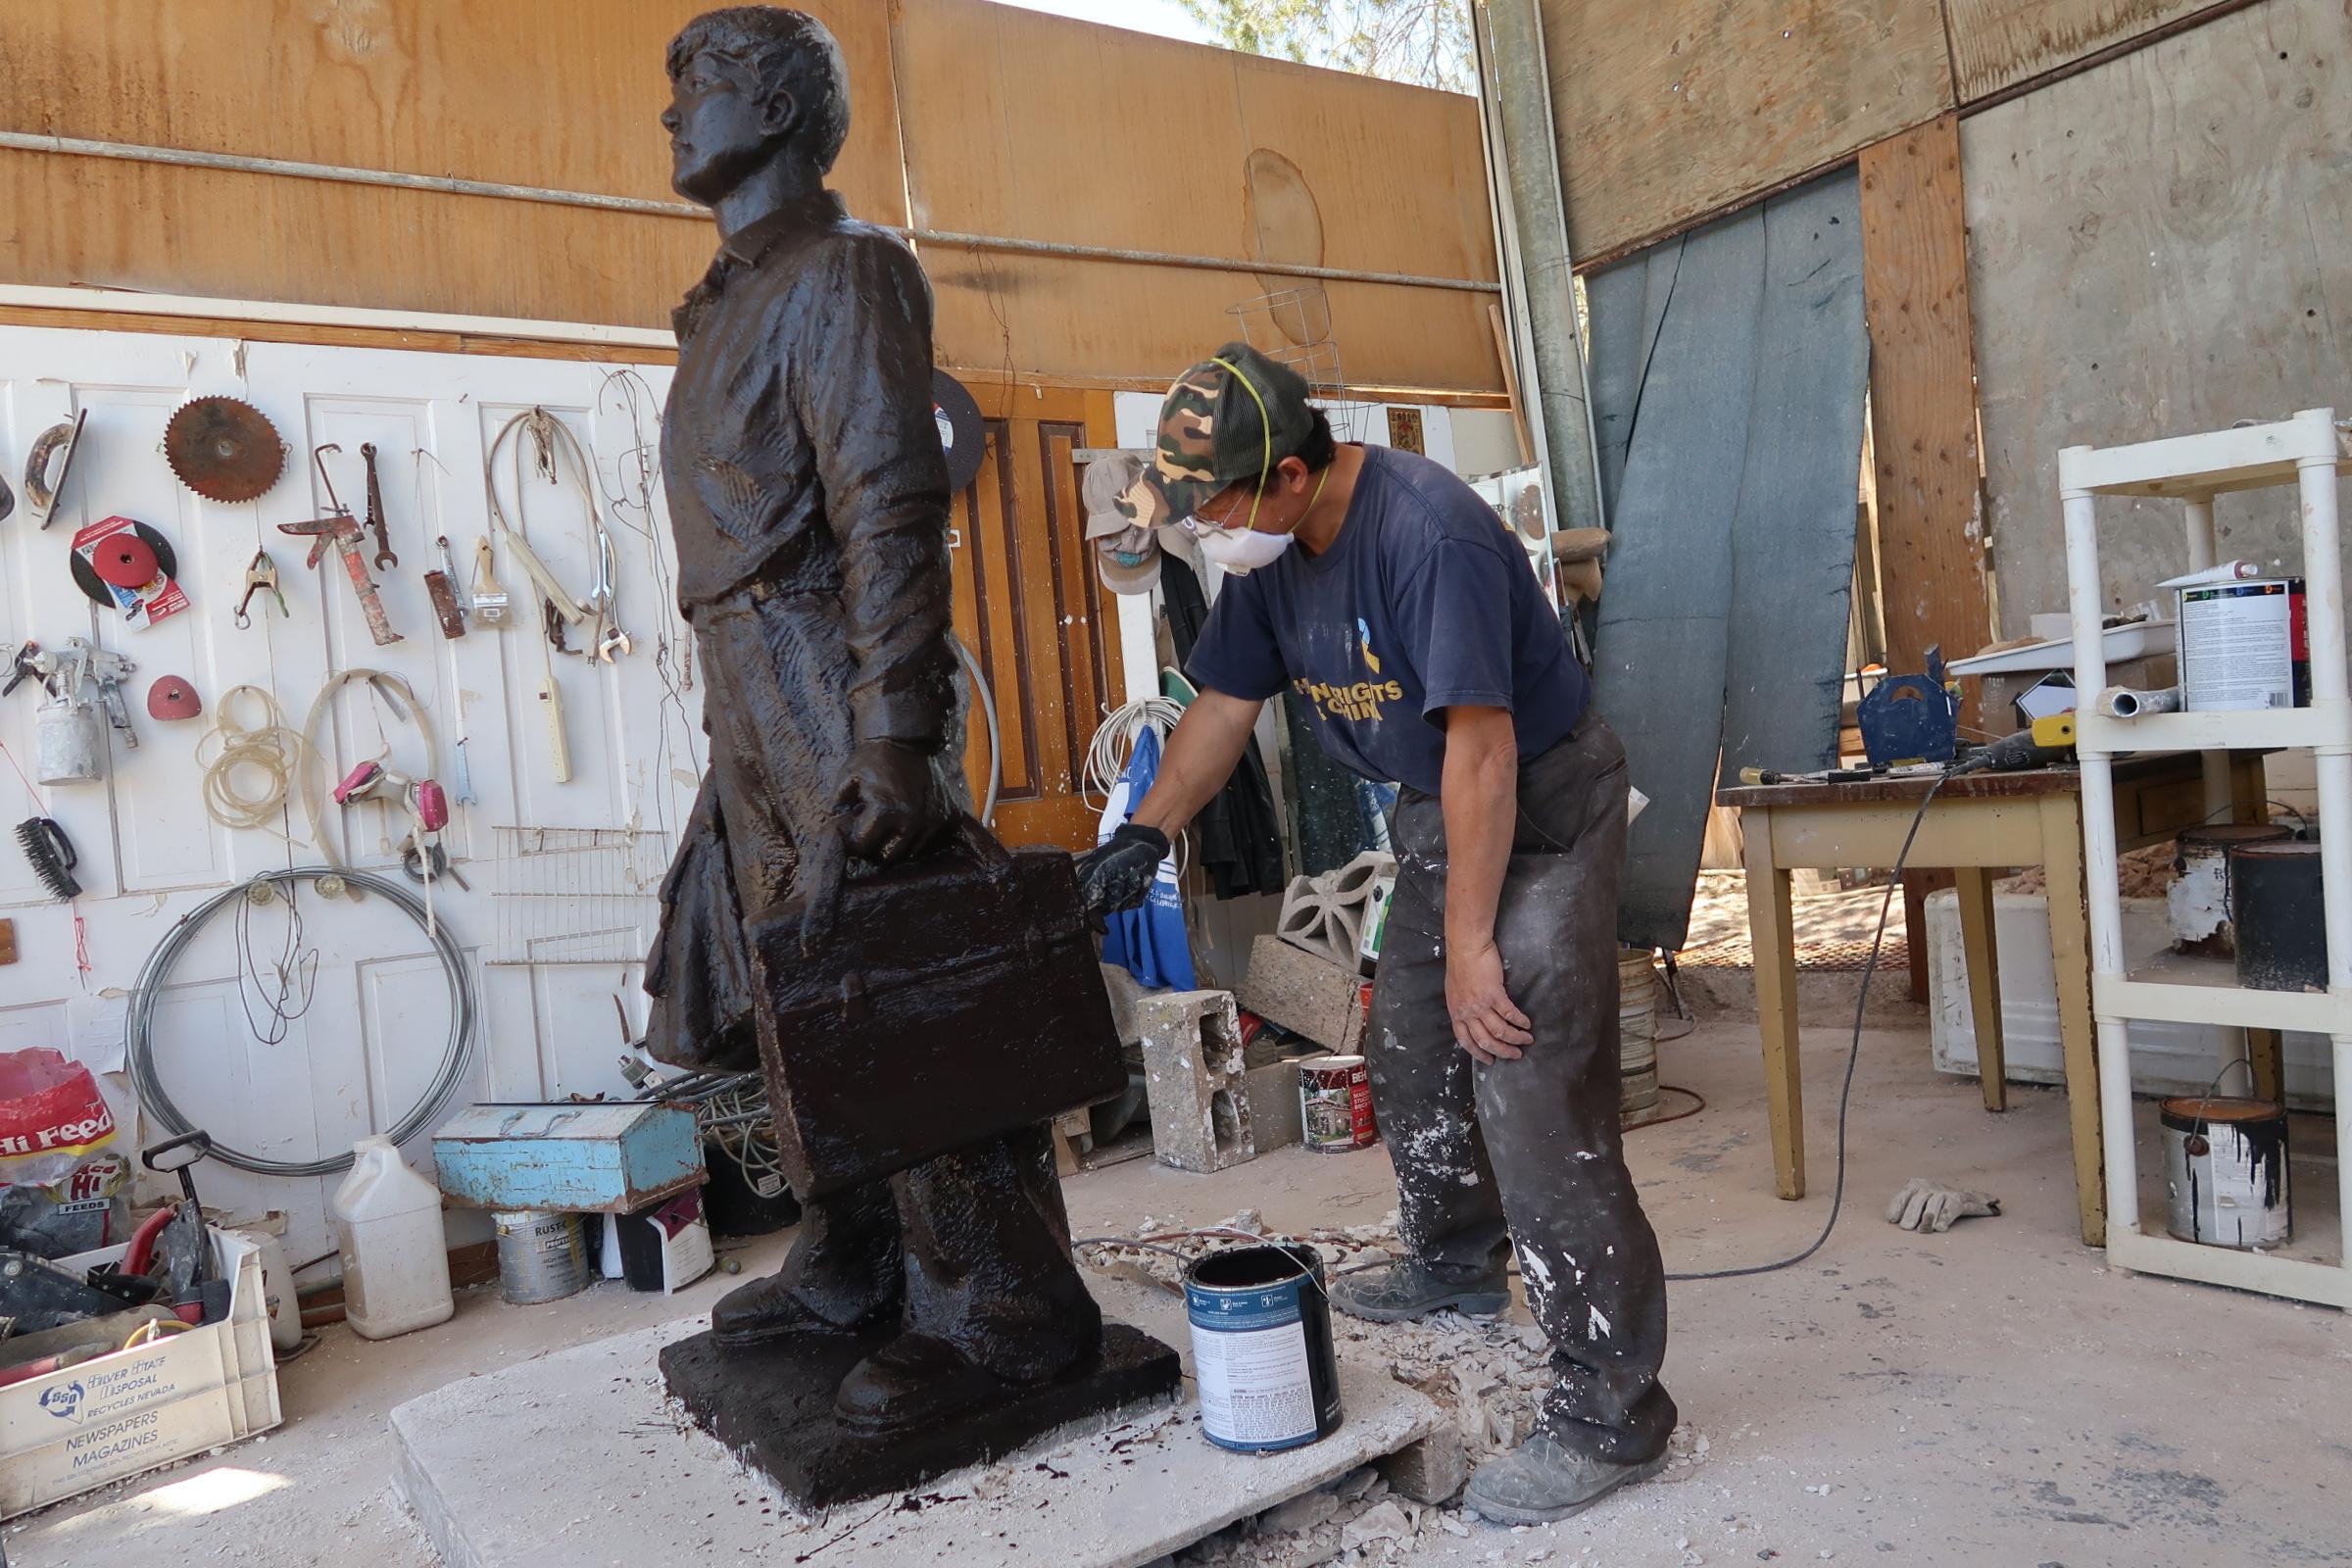 六四雕塑家陳維明創作「坦克人」雕塑進入上色階段。 (徐繡惠/大紀元)